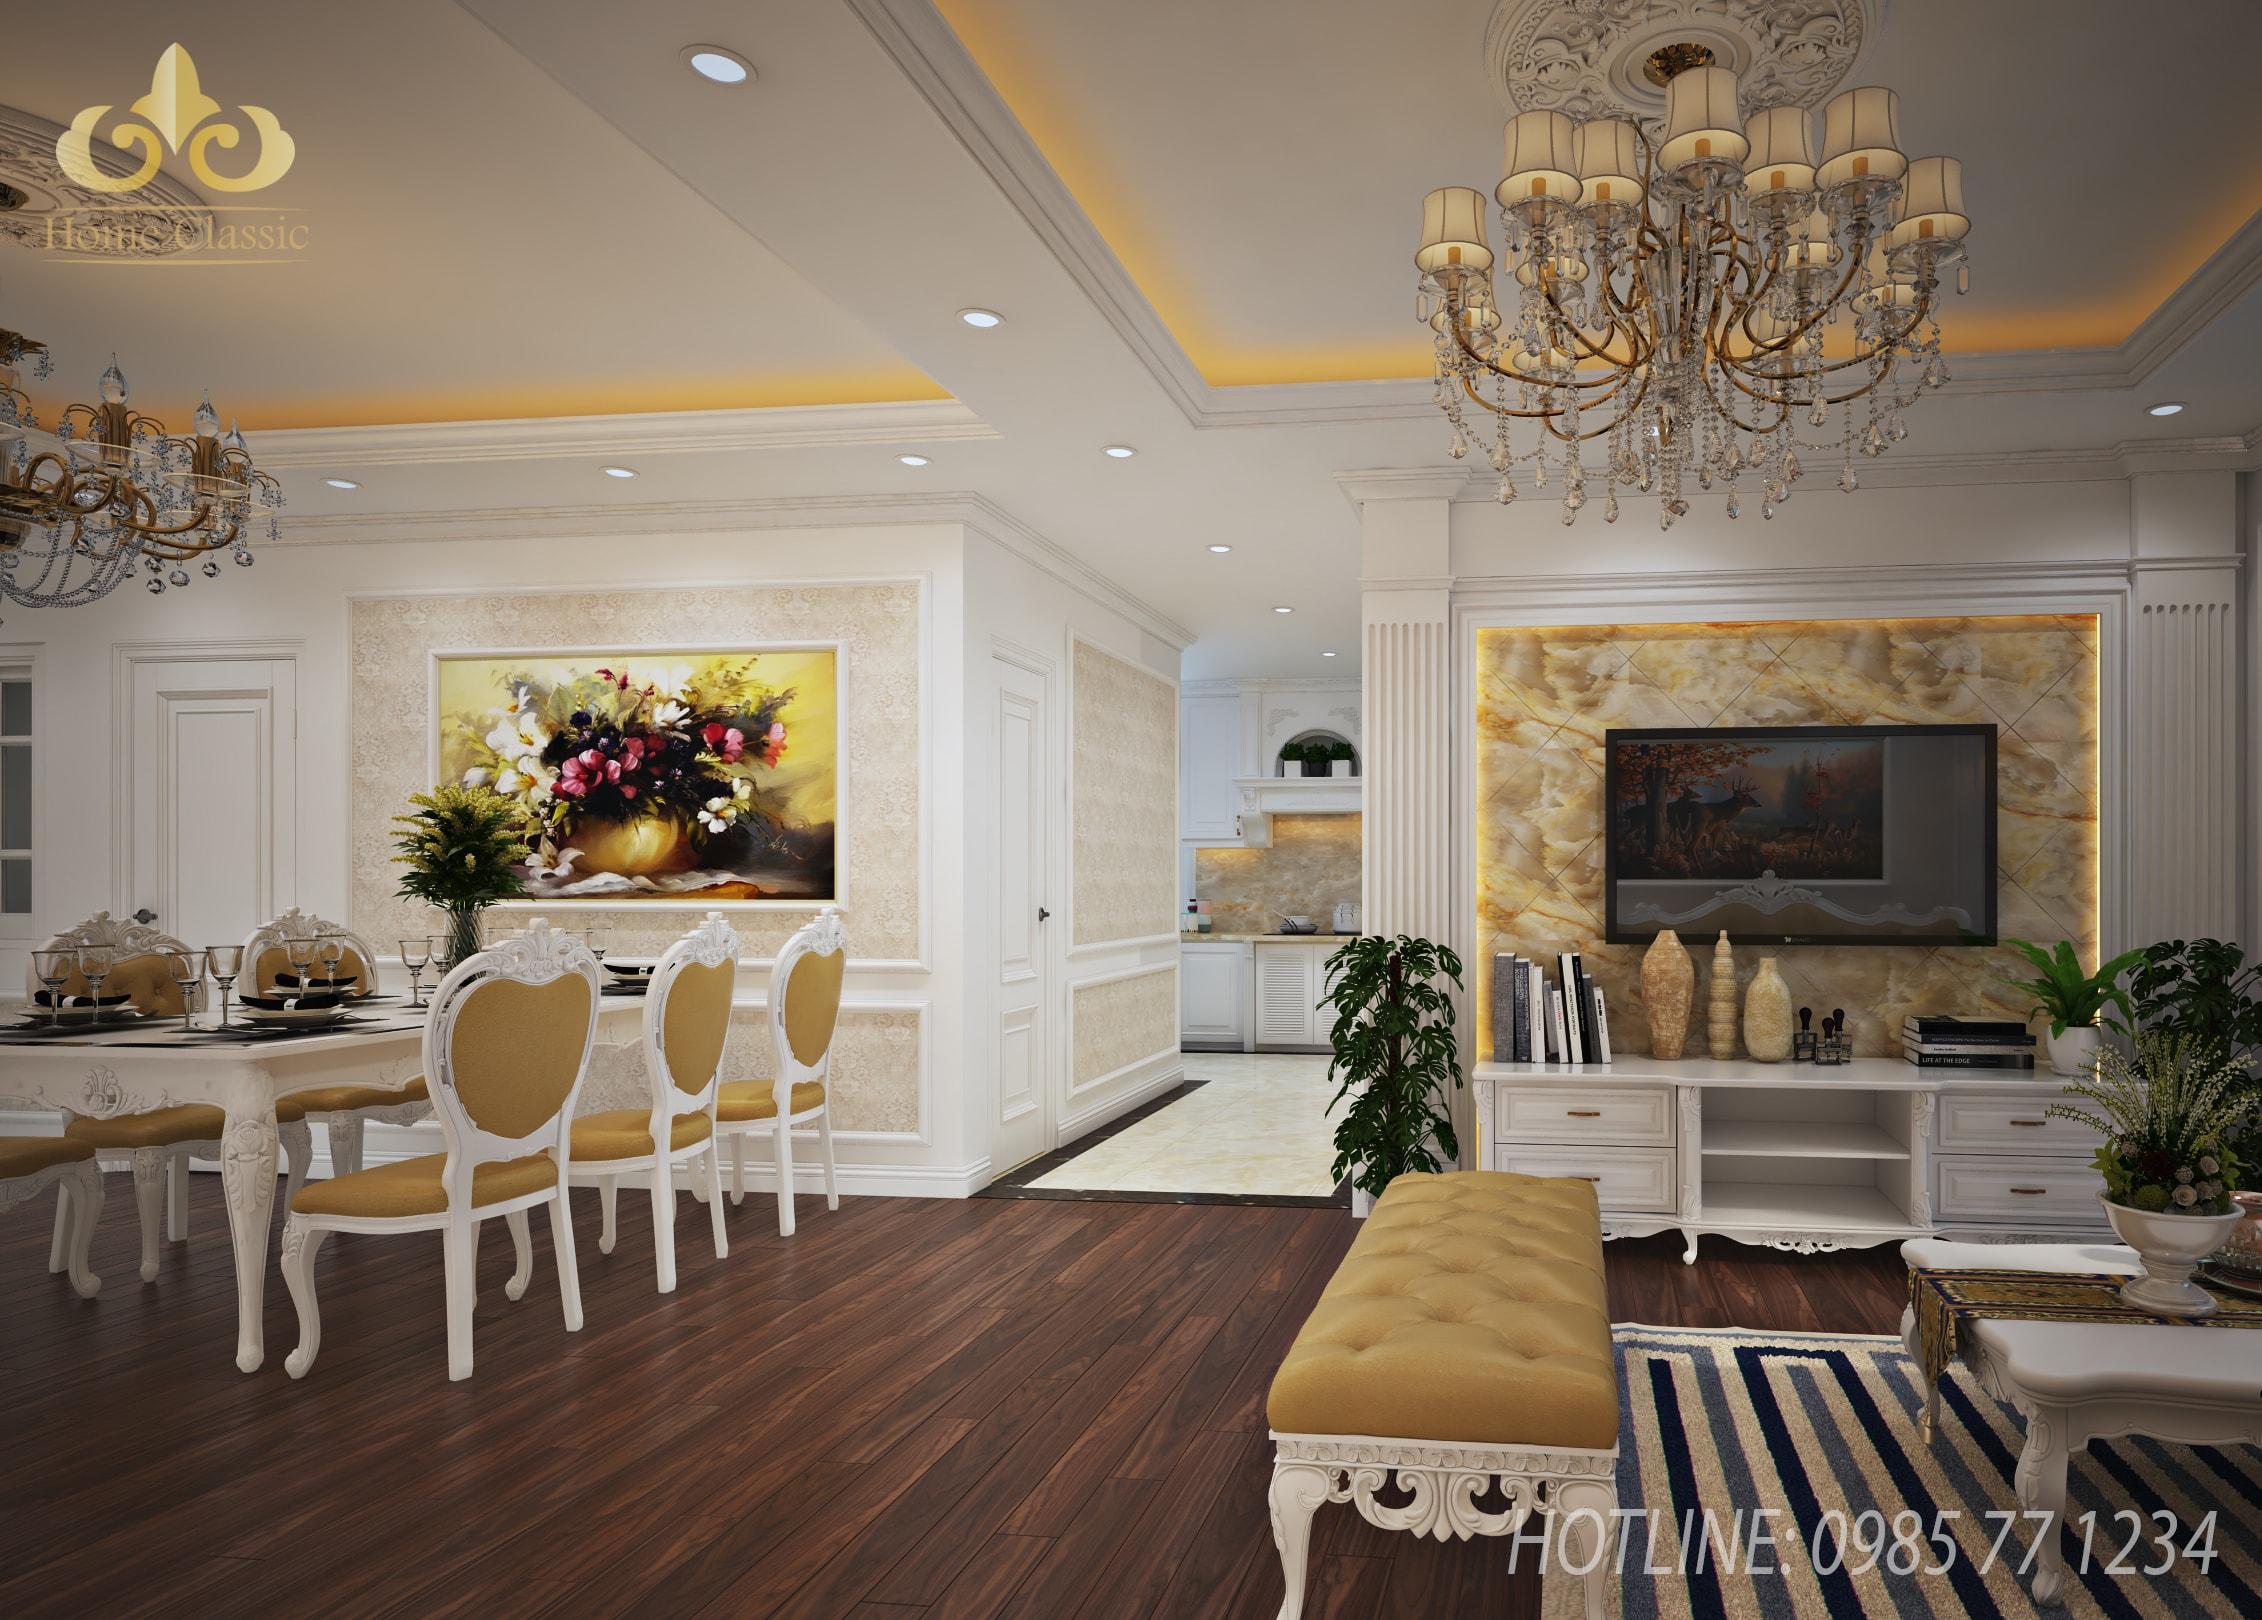 Thi công nội thất tân cổ điển chung cư Tân Hoàng Minh 2311